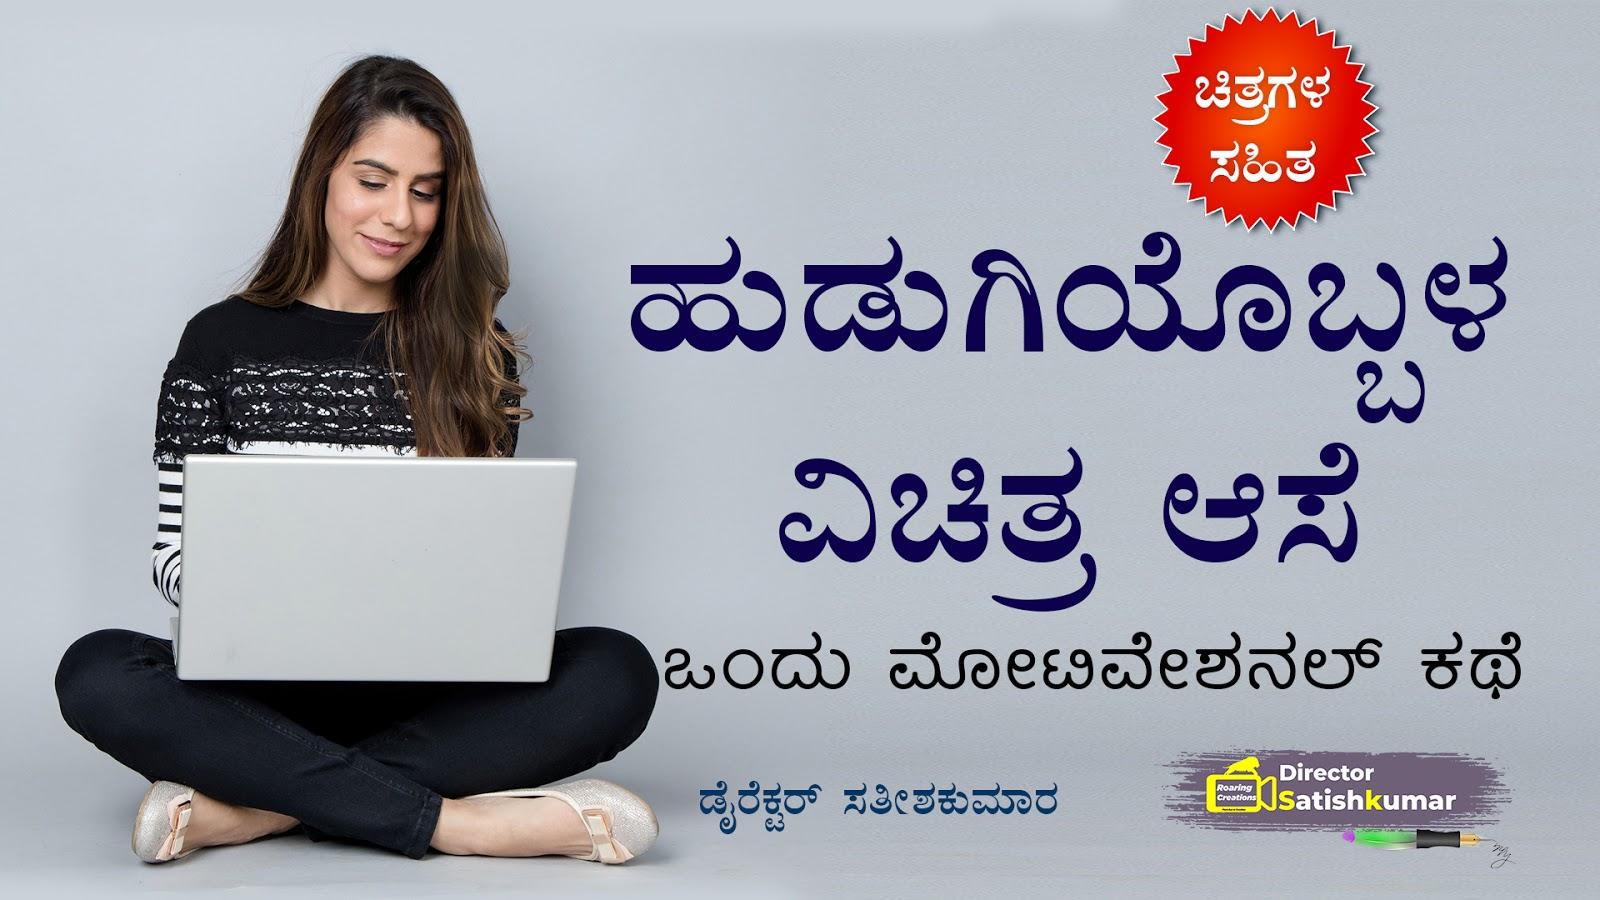 ಹುಡುಗಿಯೊಬ್ಬಳ ವಿಚಿತ್ರ ಆಸೆ : ಒಂದು ಮೋಟಿವೇಶನಲ್ ಕಥೆ ಕಥೆ - One Motivational Story for Women in Kannada